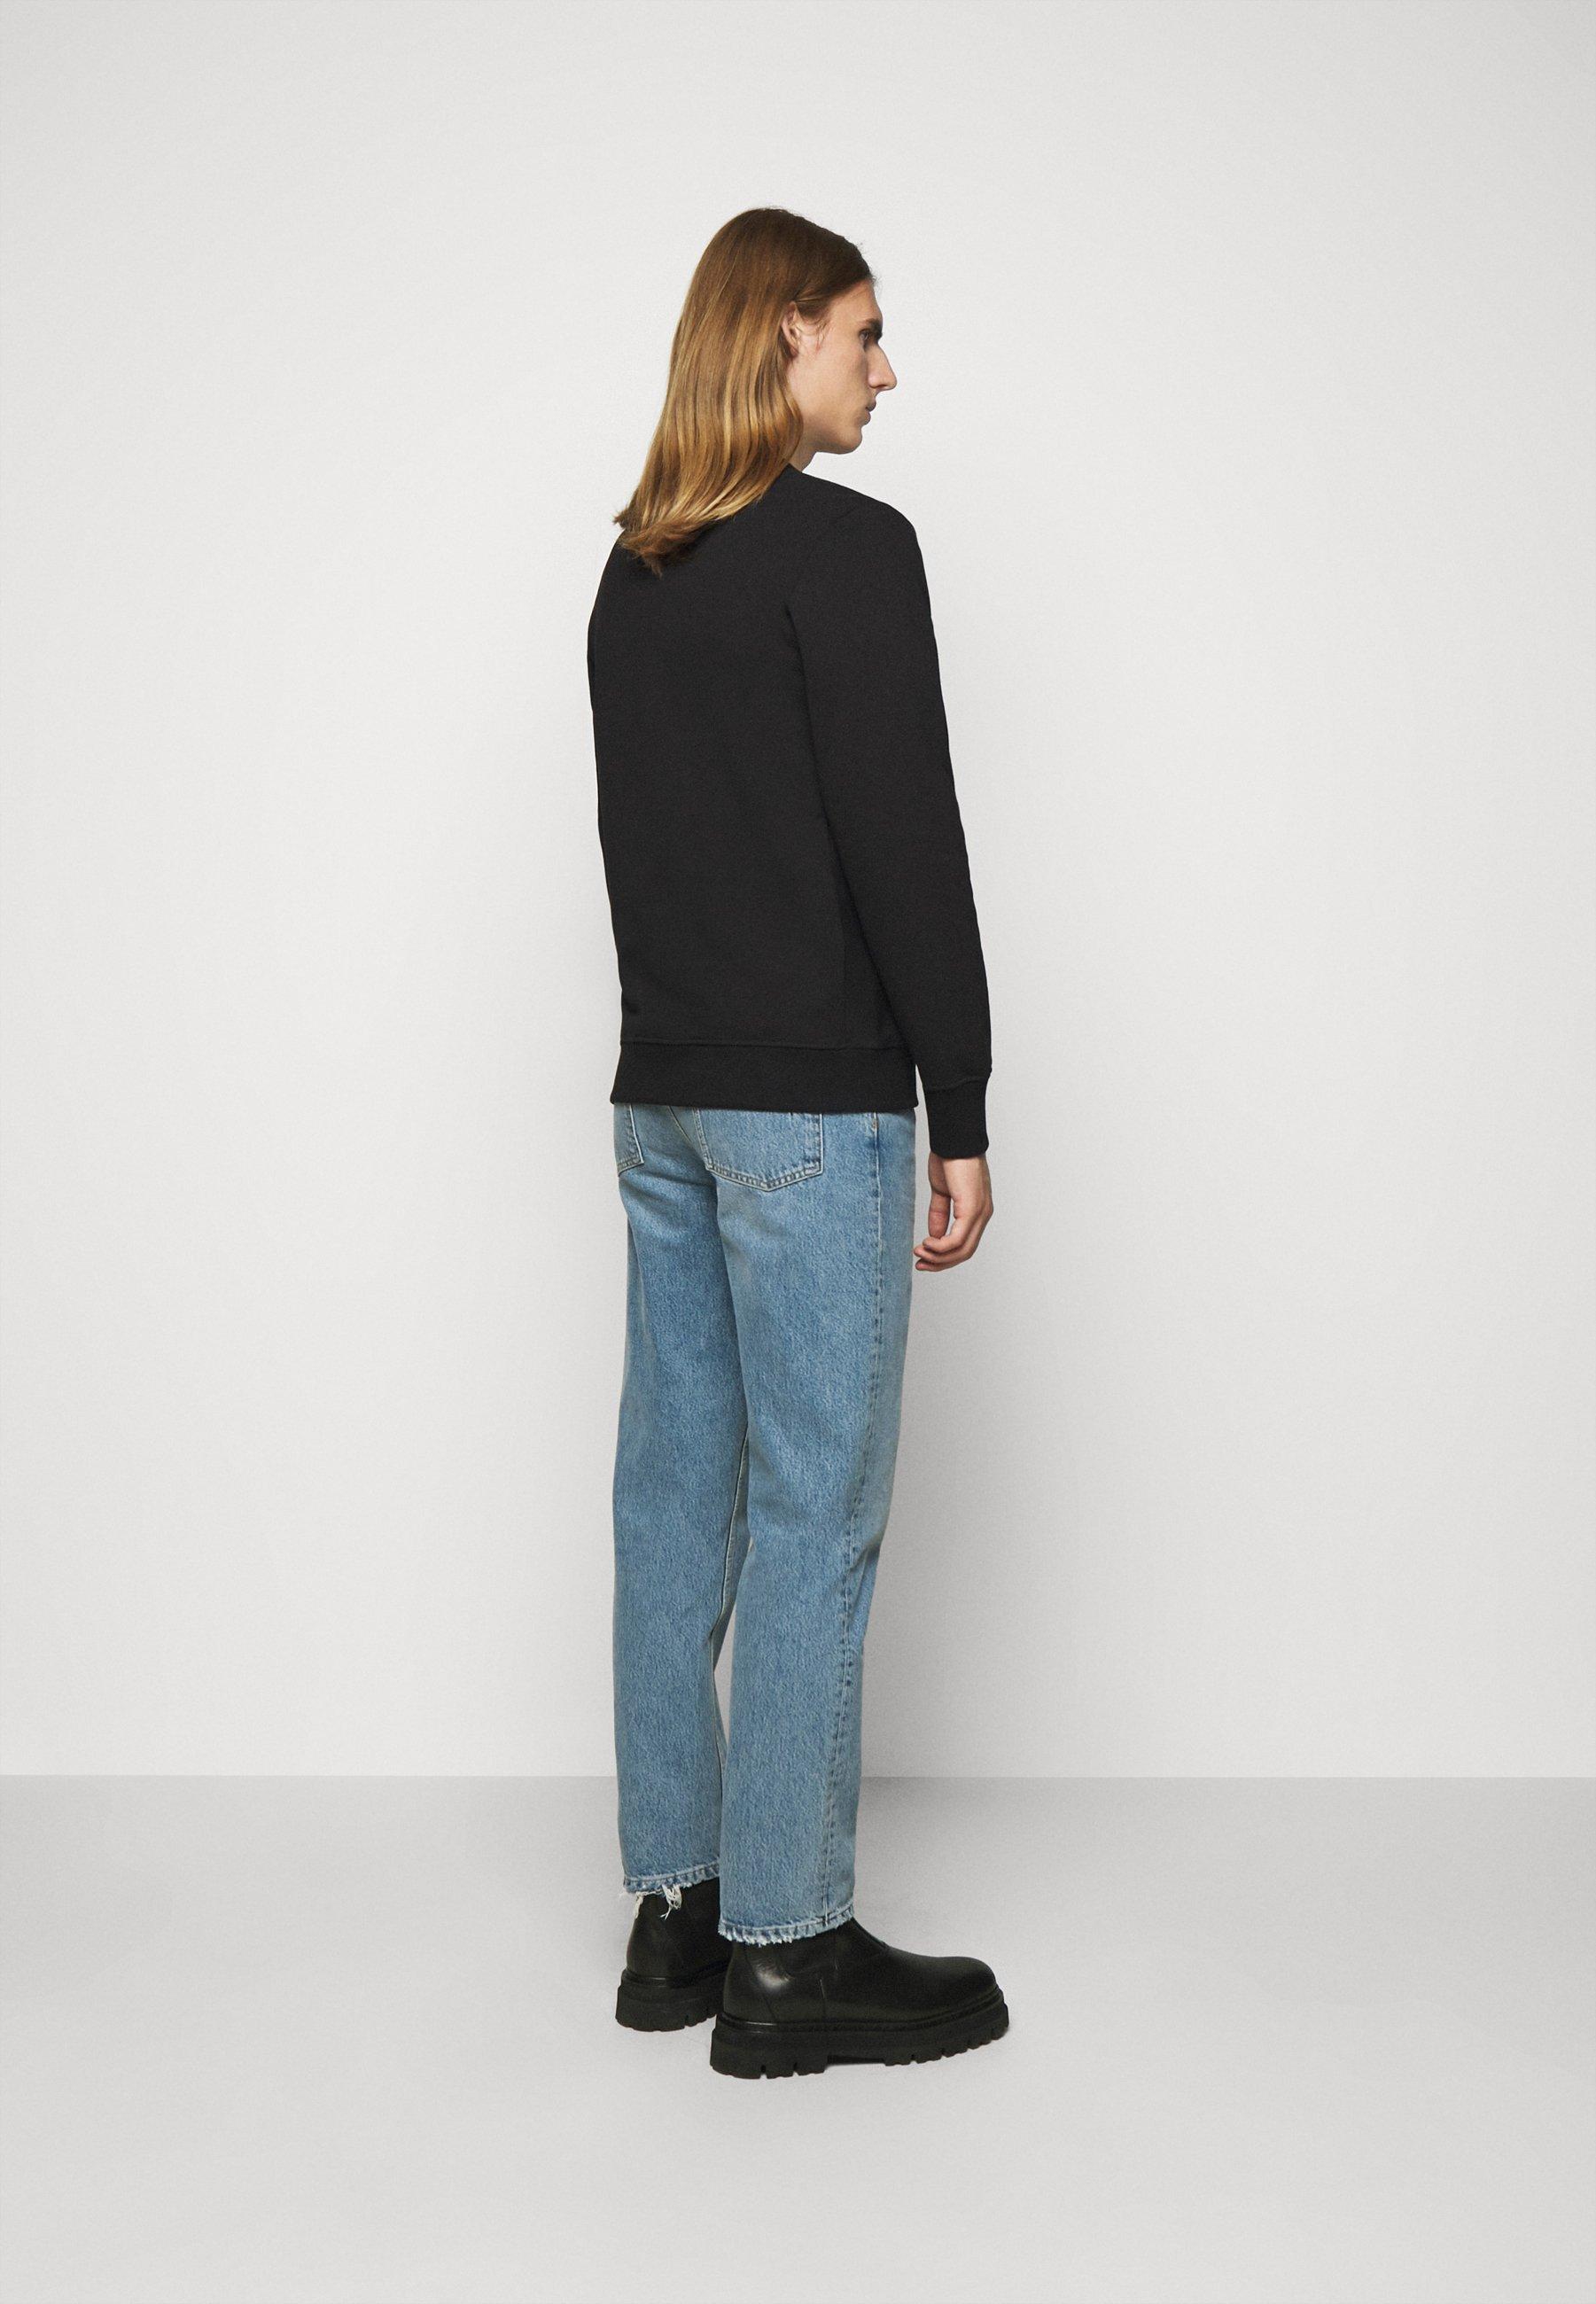 Pepe Jeans Skinnjacka - black/svart - Herr Vinterkläder 9tjIy